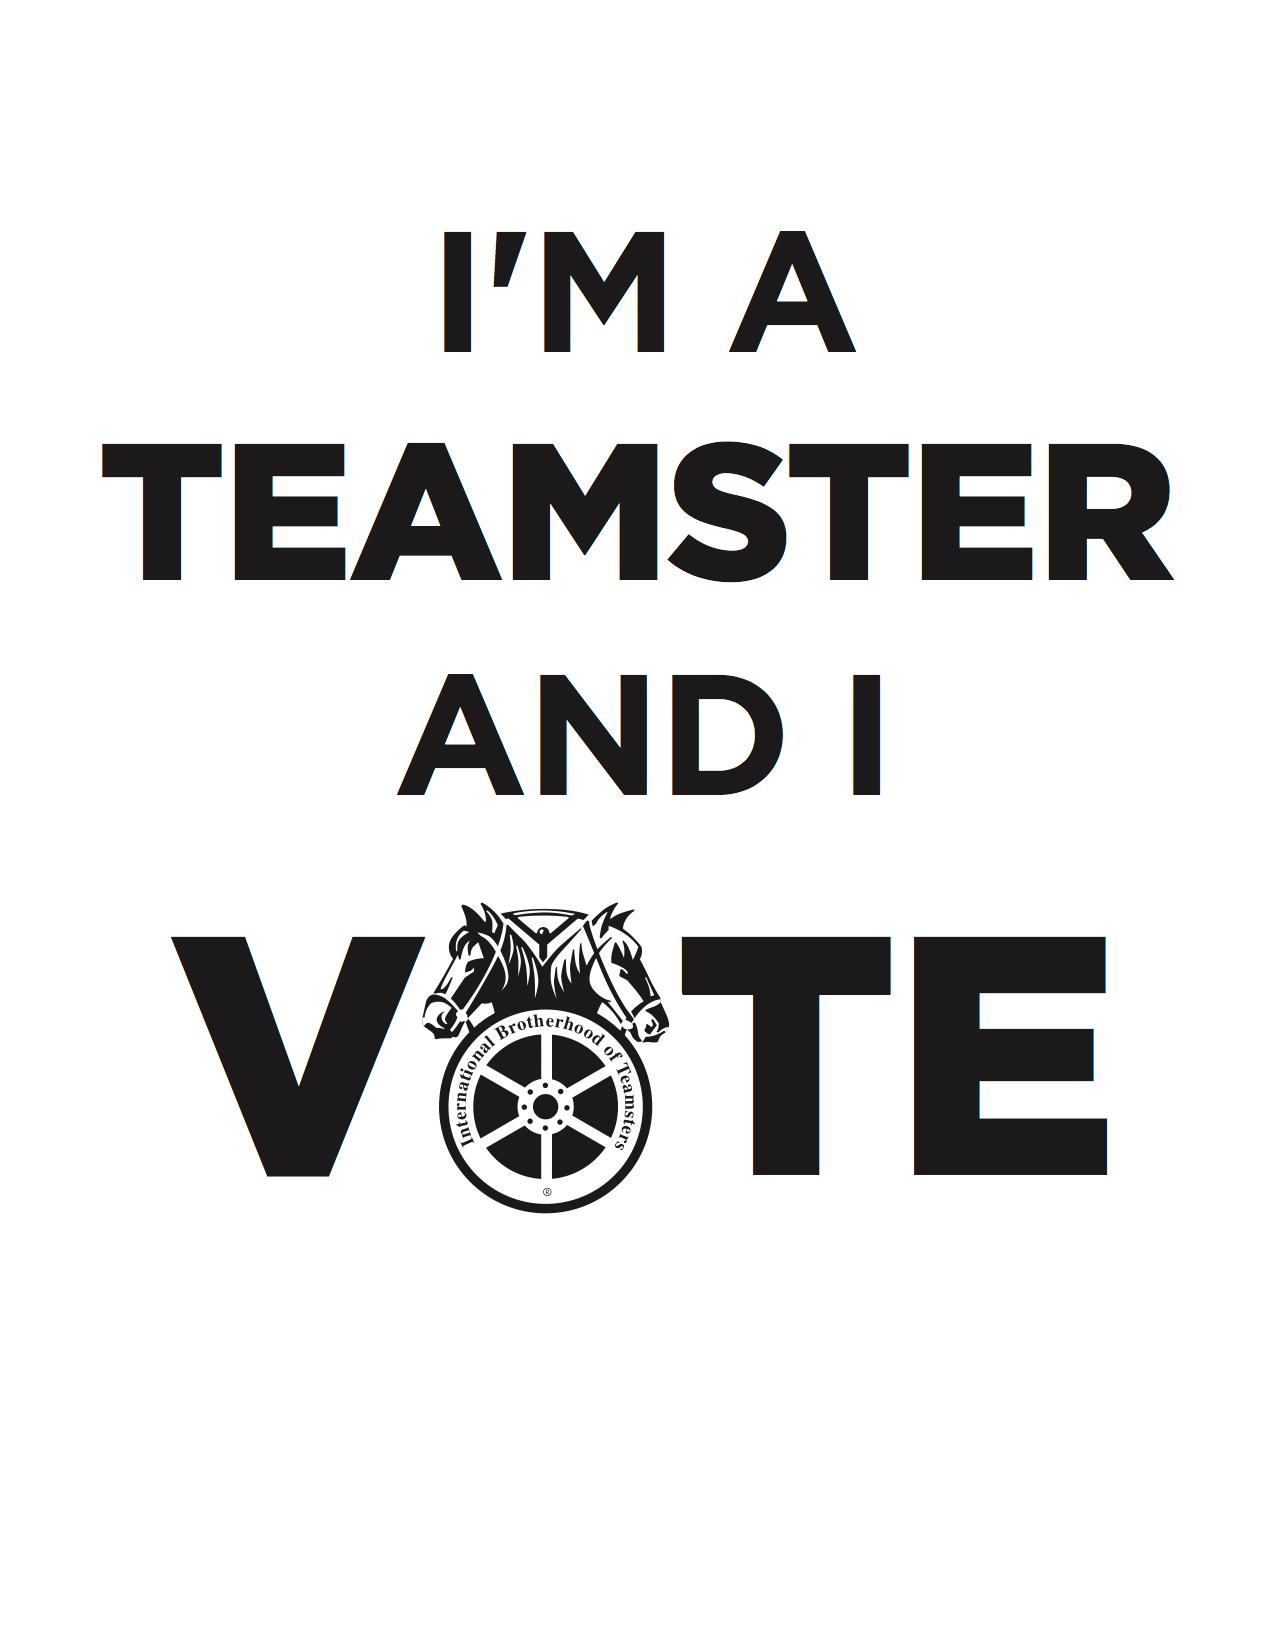 Teamster-and-I-VOTE-flier-1